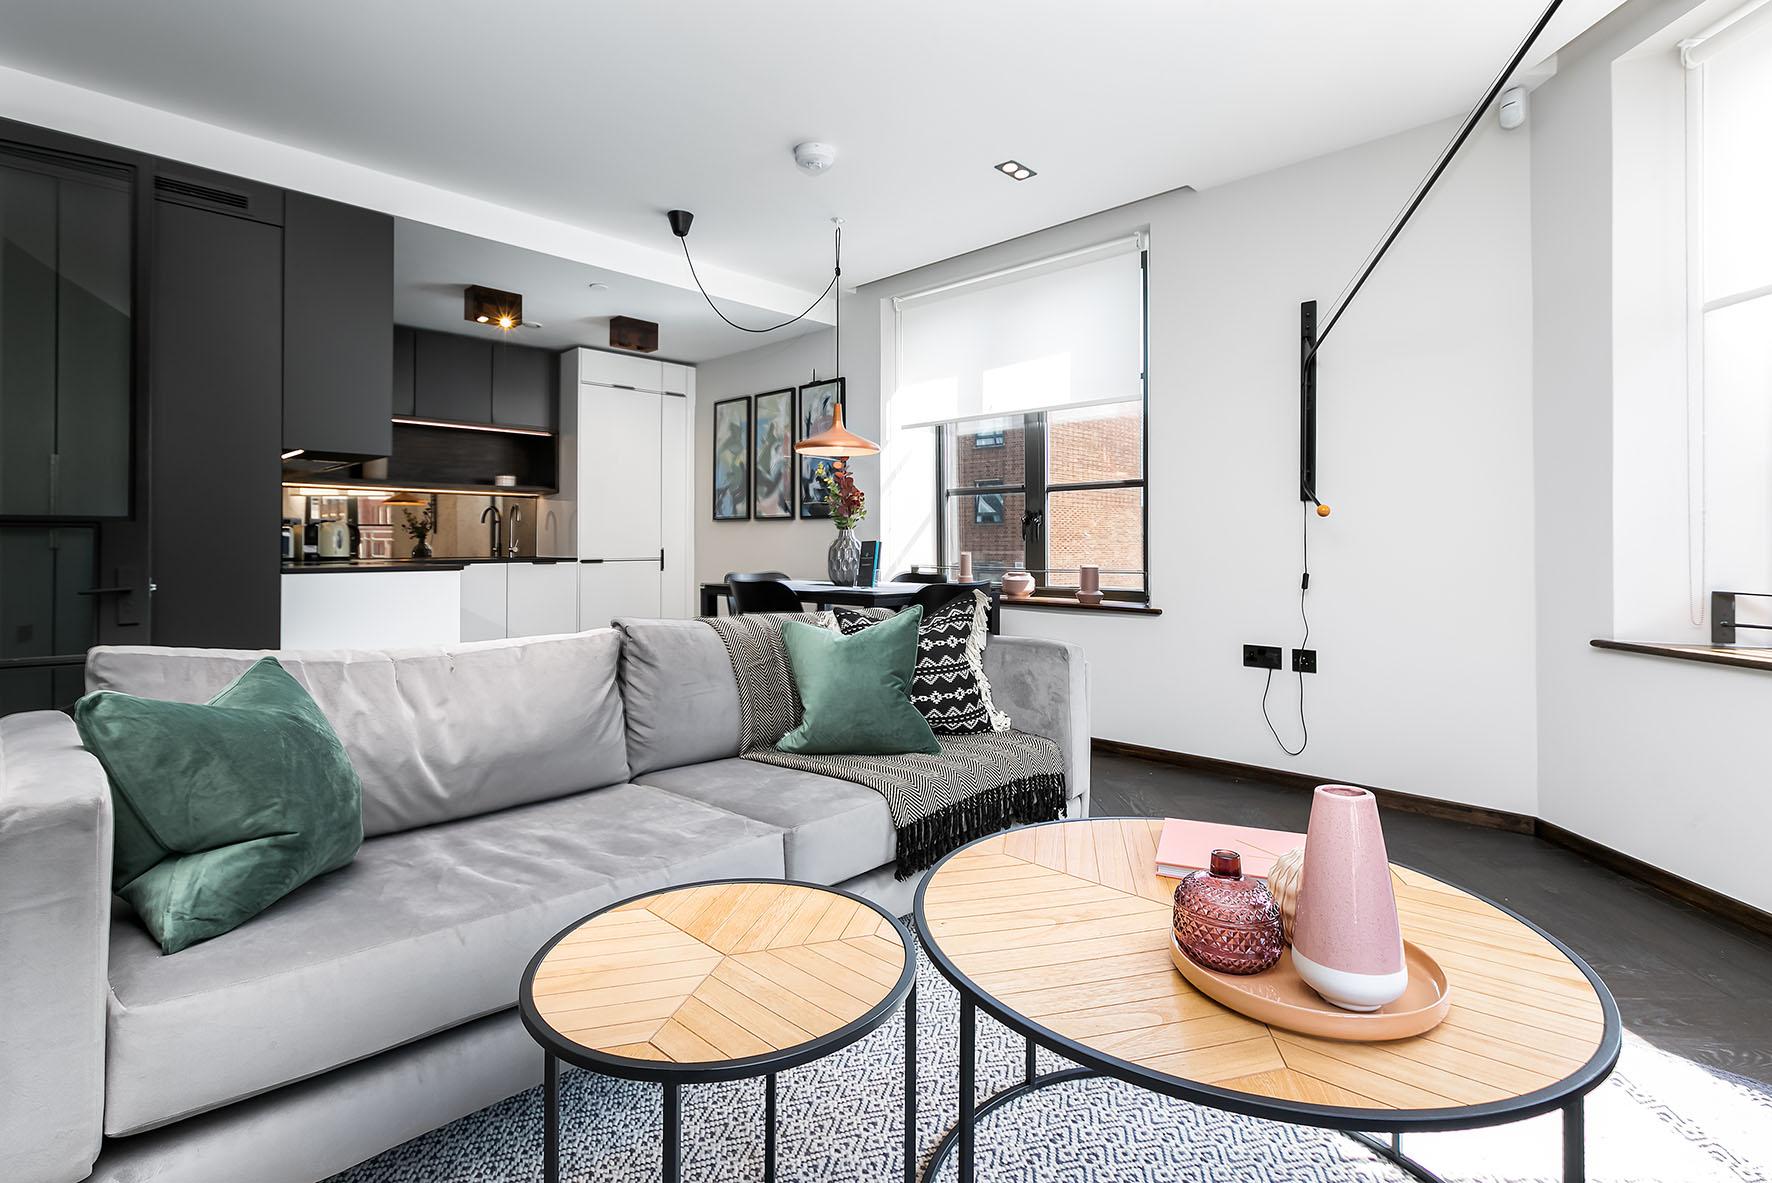 Lovelydays luxury service apartment rental - London - Soho - Noel Street VI - Lovelysuite - 2 bedrooms - 2 bathrooms - Luxury living room - luxury apartment in london - 08fb16b442a3 - Lovelydays